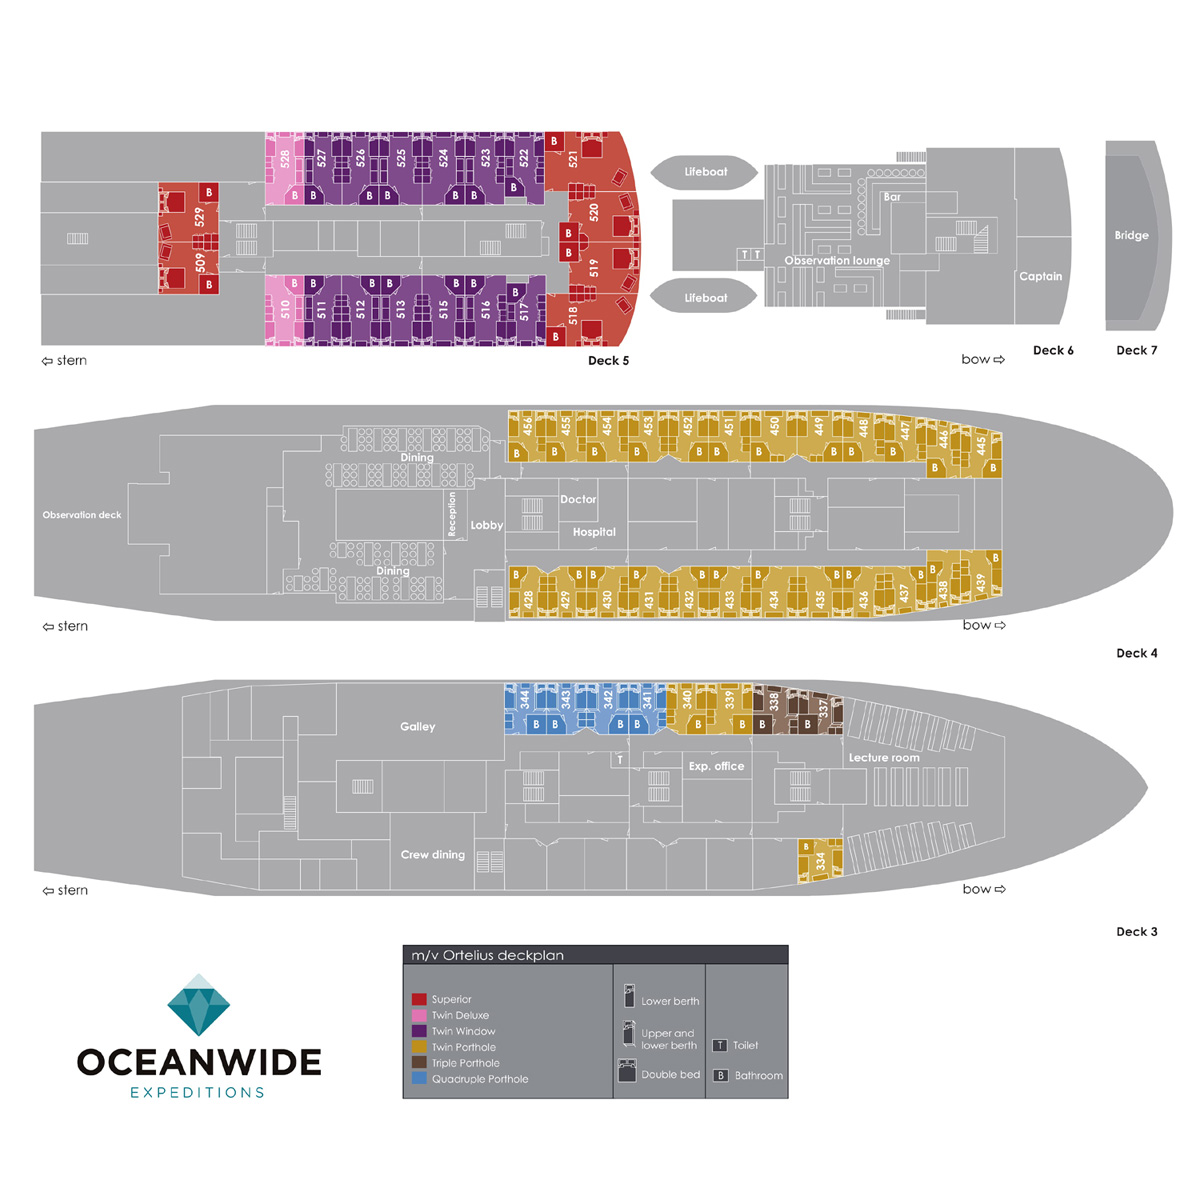 ortelius deck plan